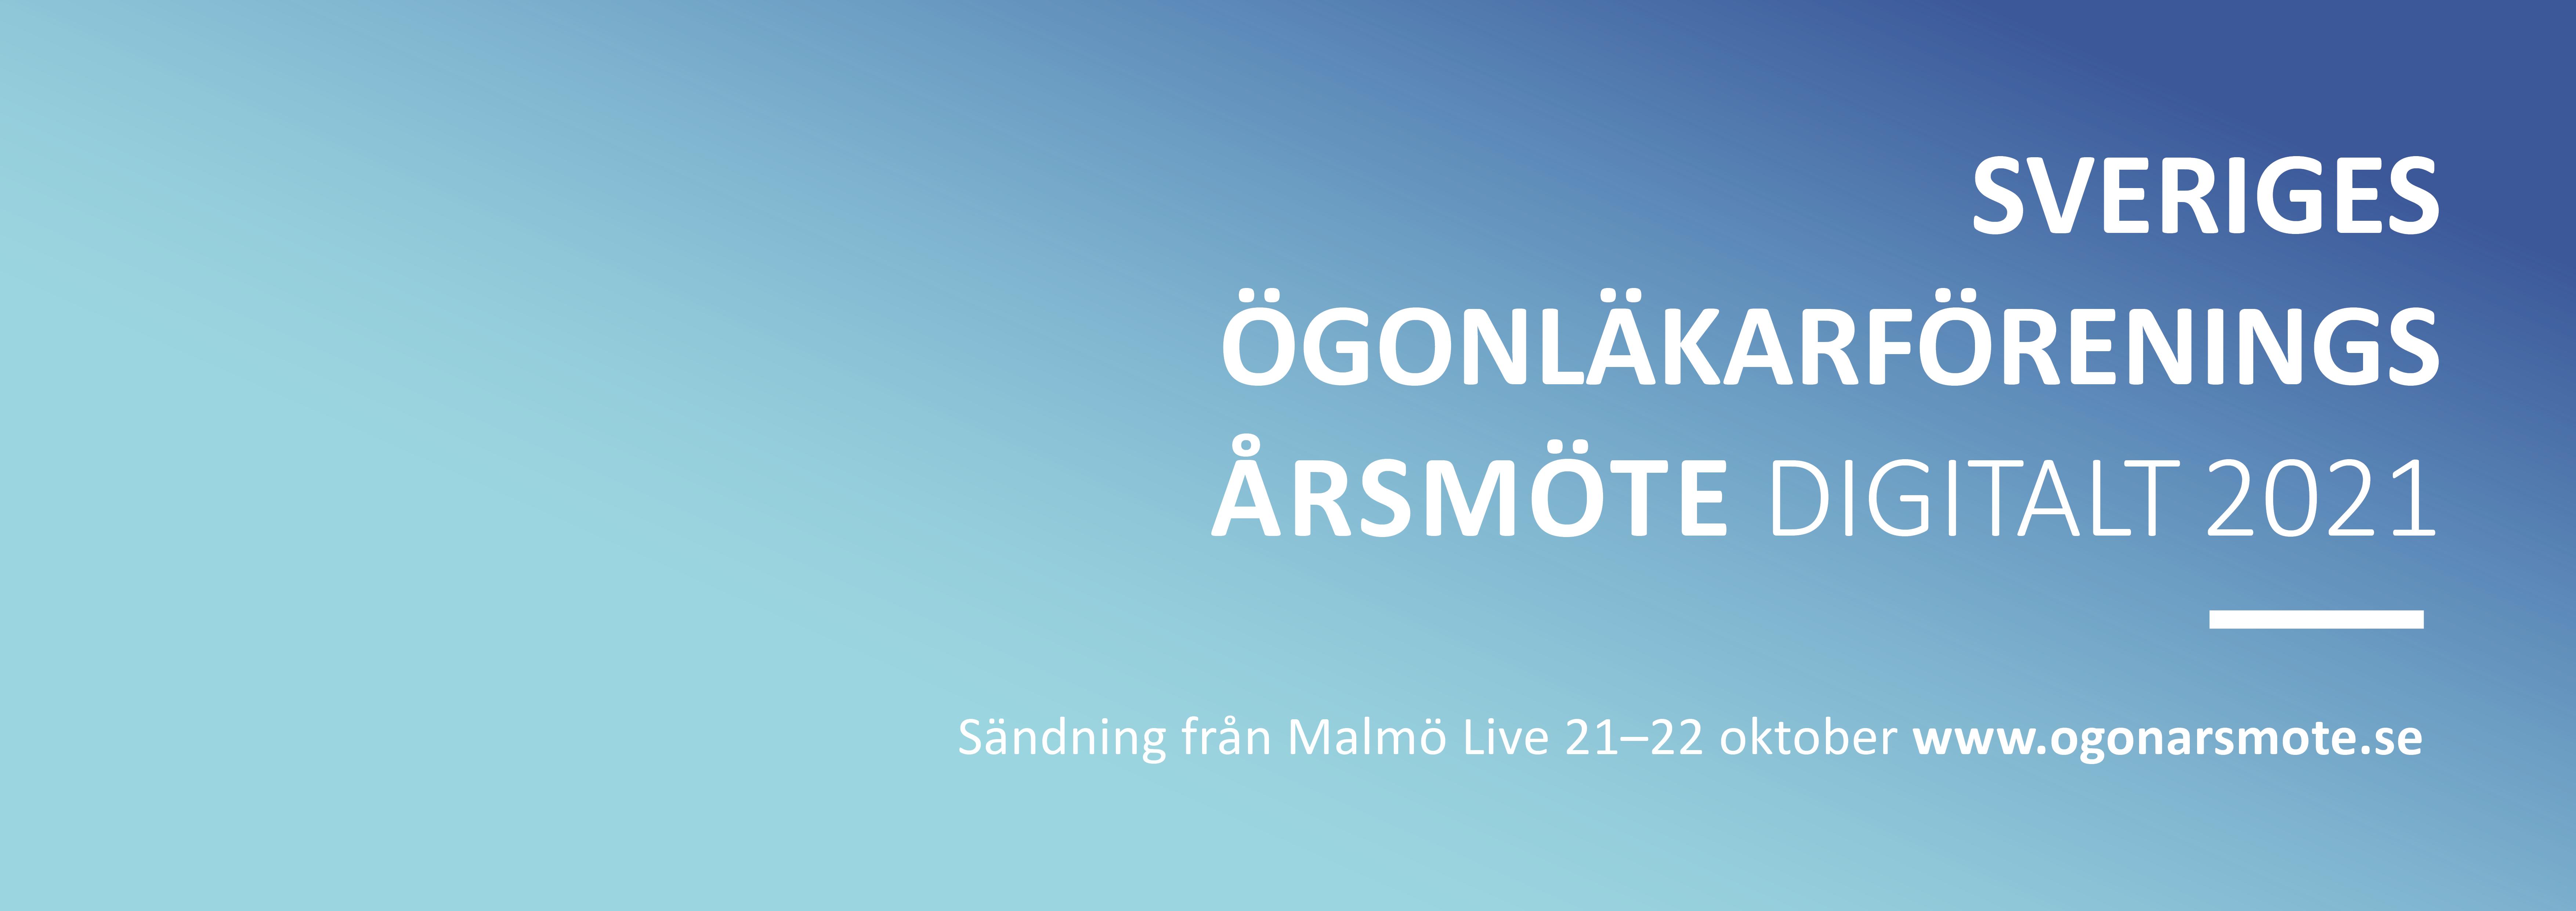 Sveriges ögonläkarförenings årsmöte. Malmö Live, 21-22 oktober, 2021. Bild.